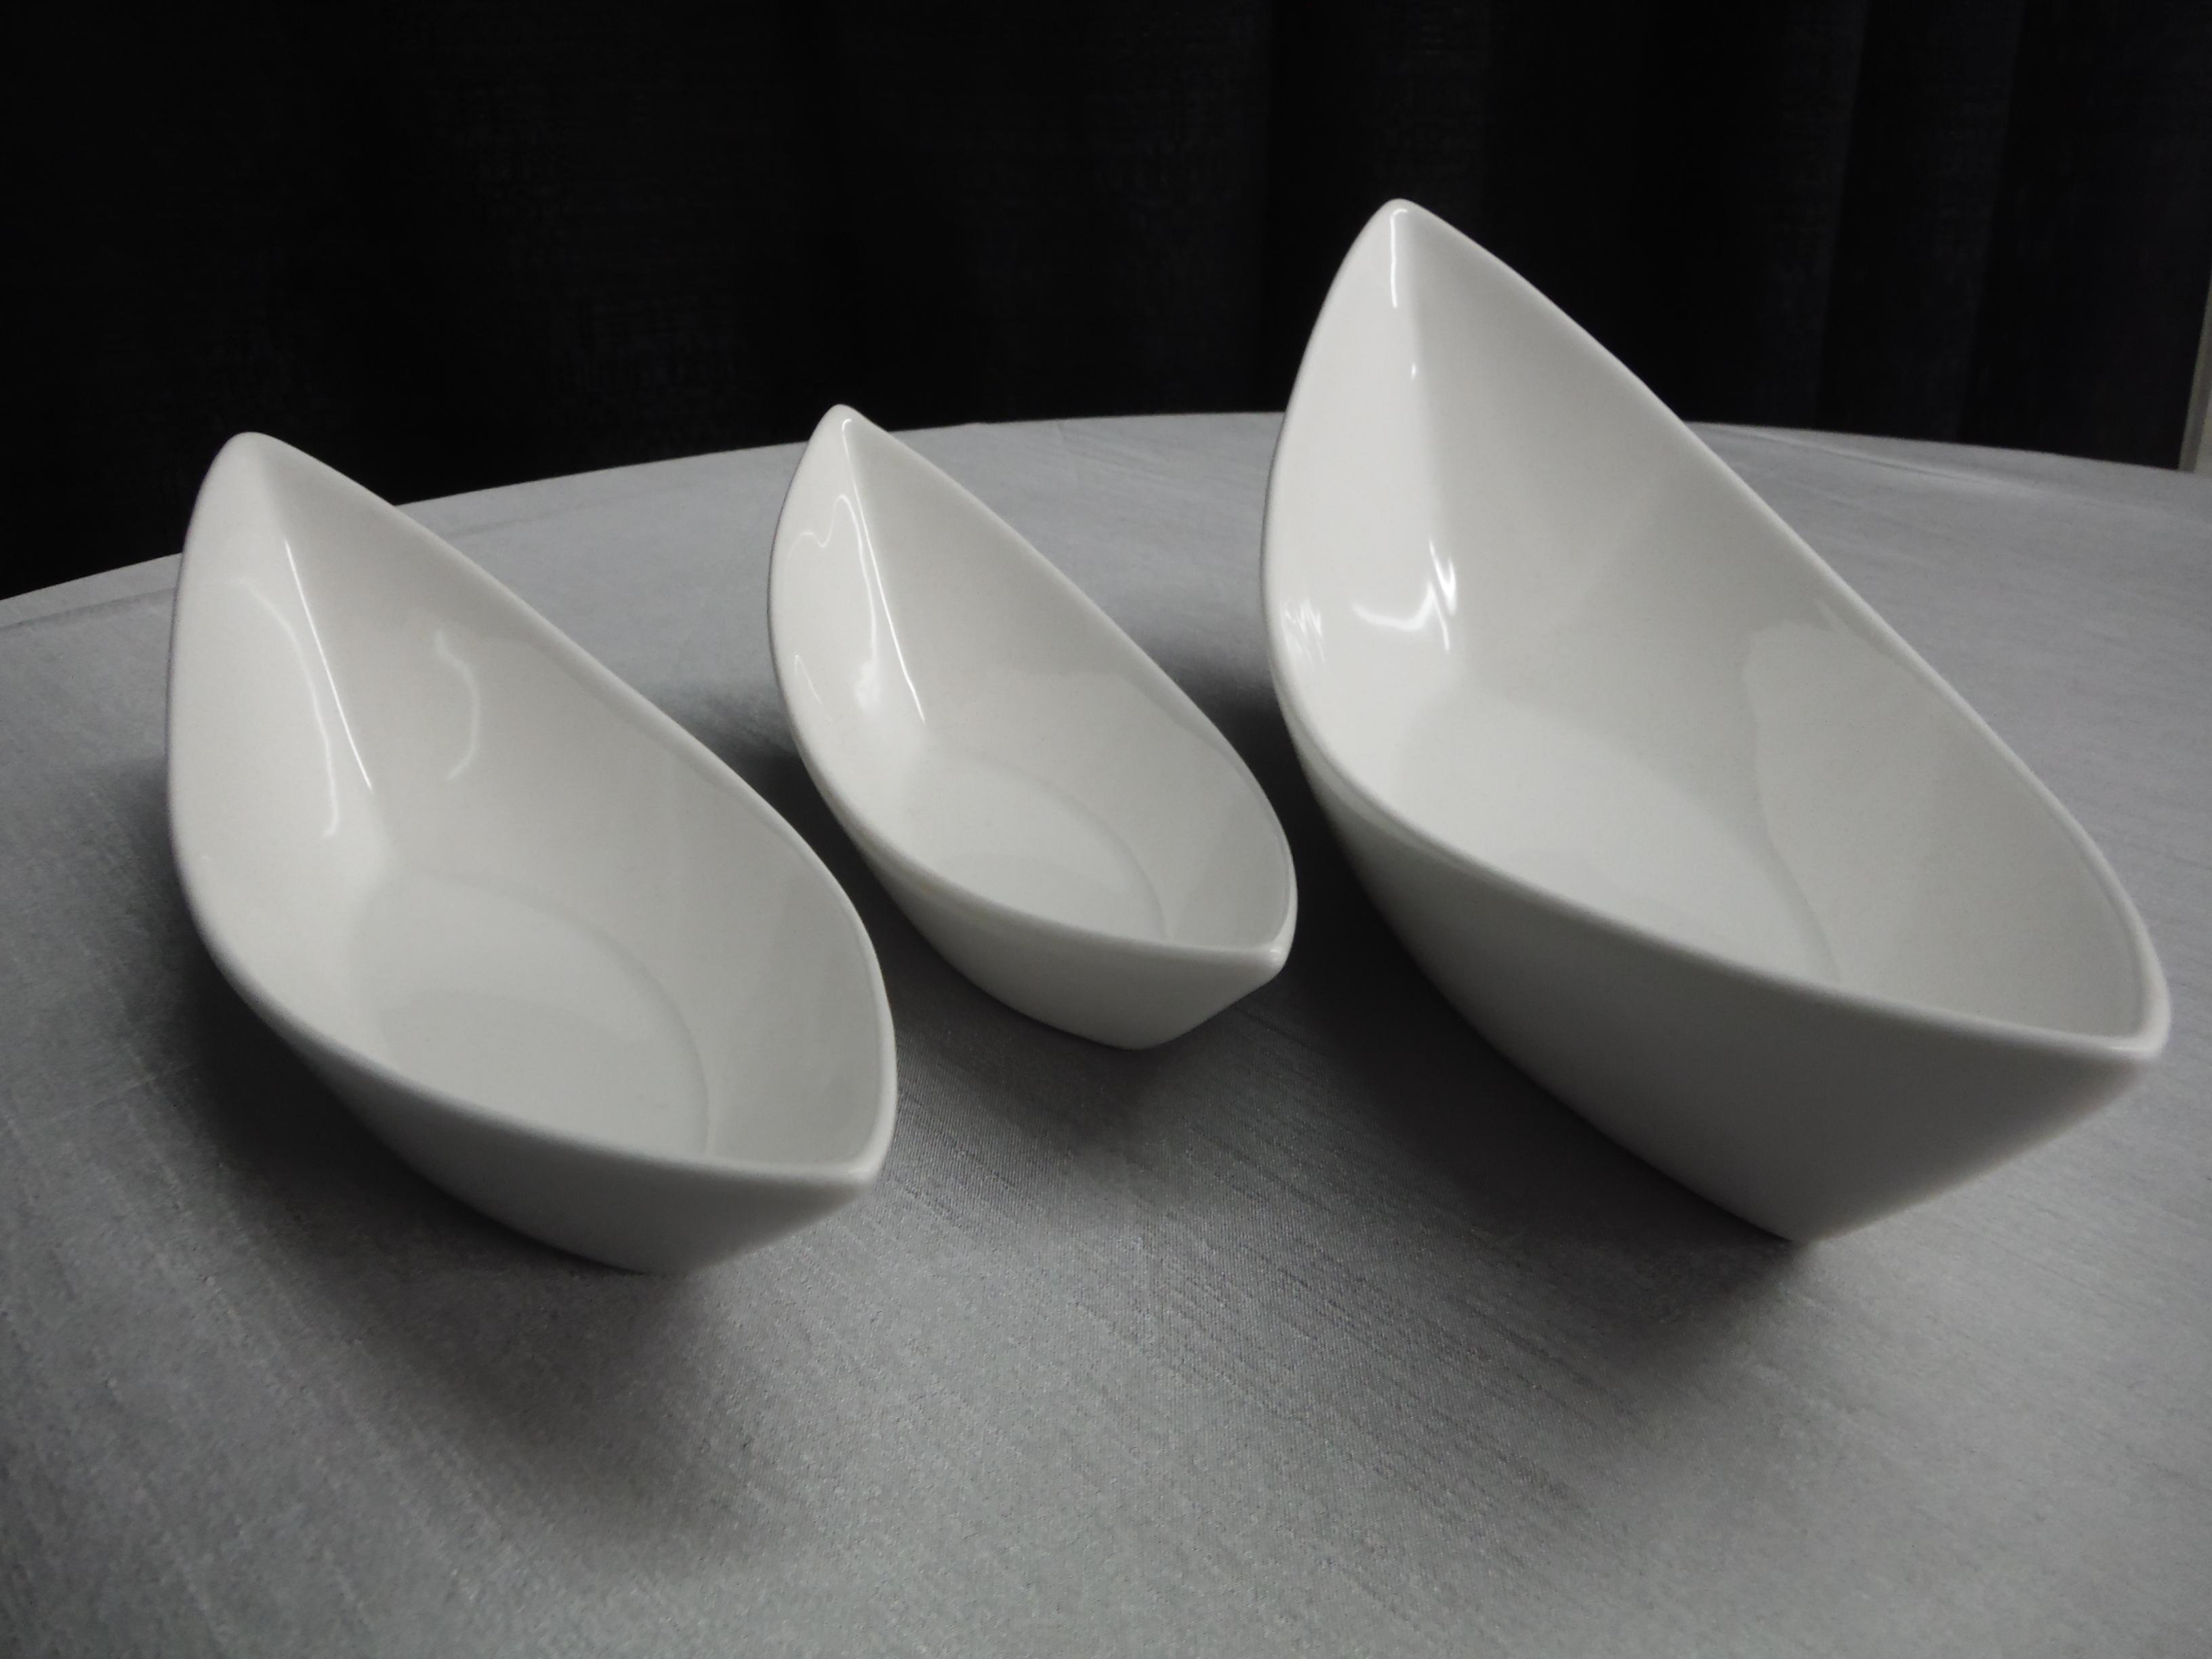 Gondola Bowl Medium 10.25 inch 00005